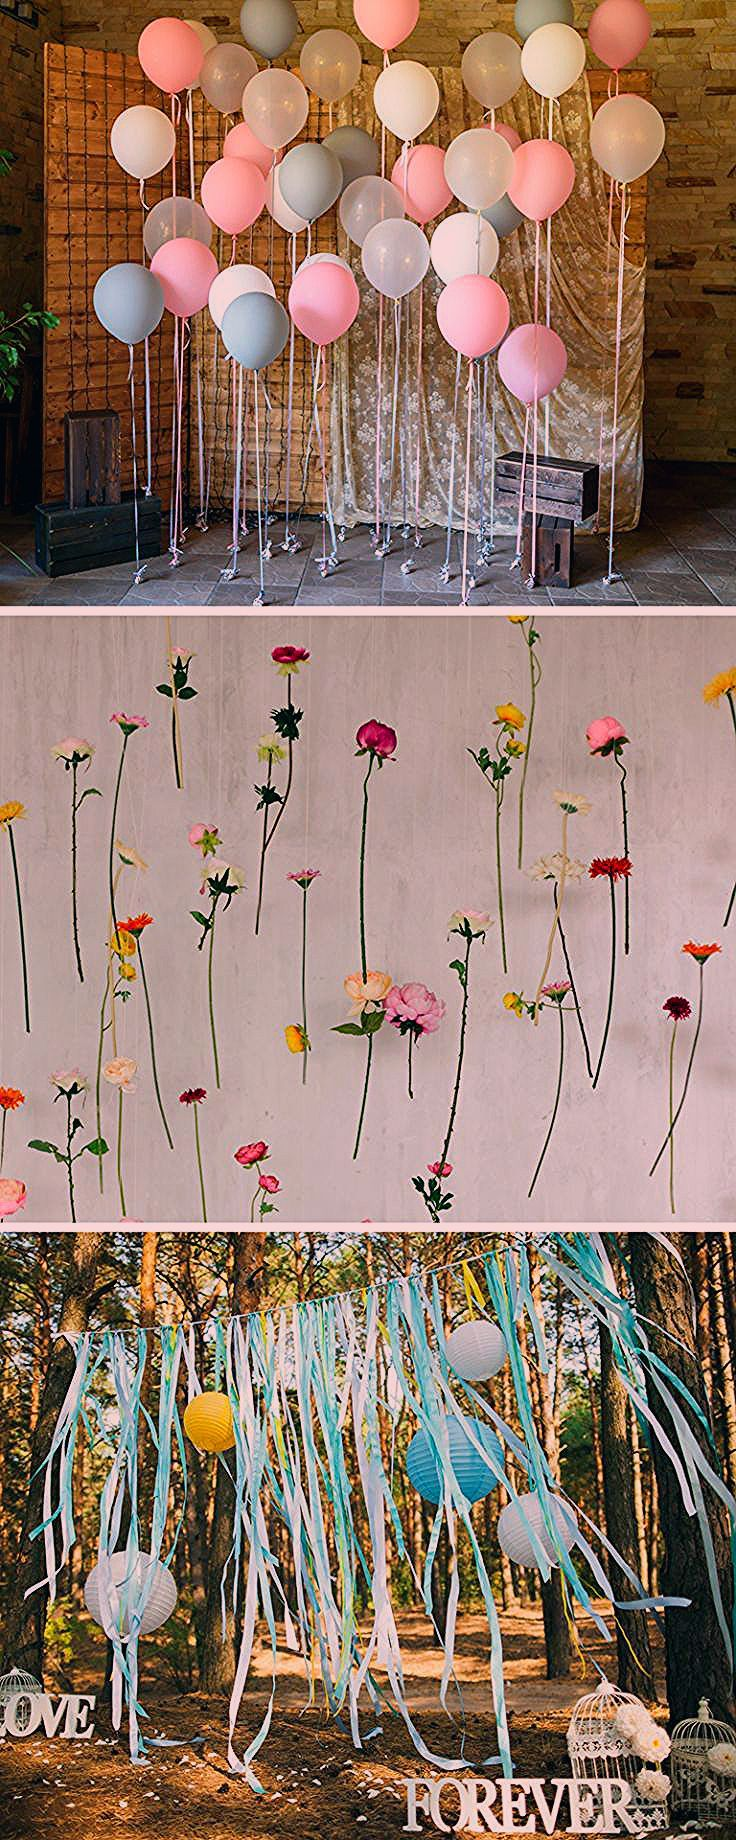 Fotobox für die Hochzeit: 40 coole Fotowand-Ideen - Hochzeitskiste